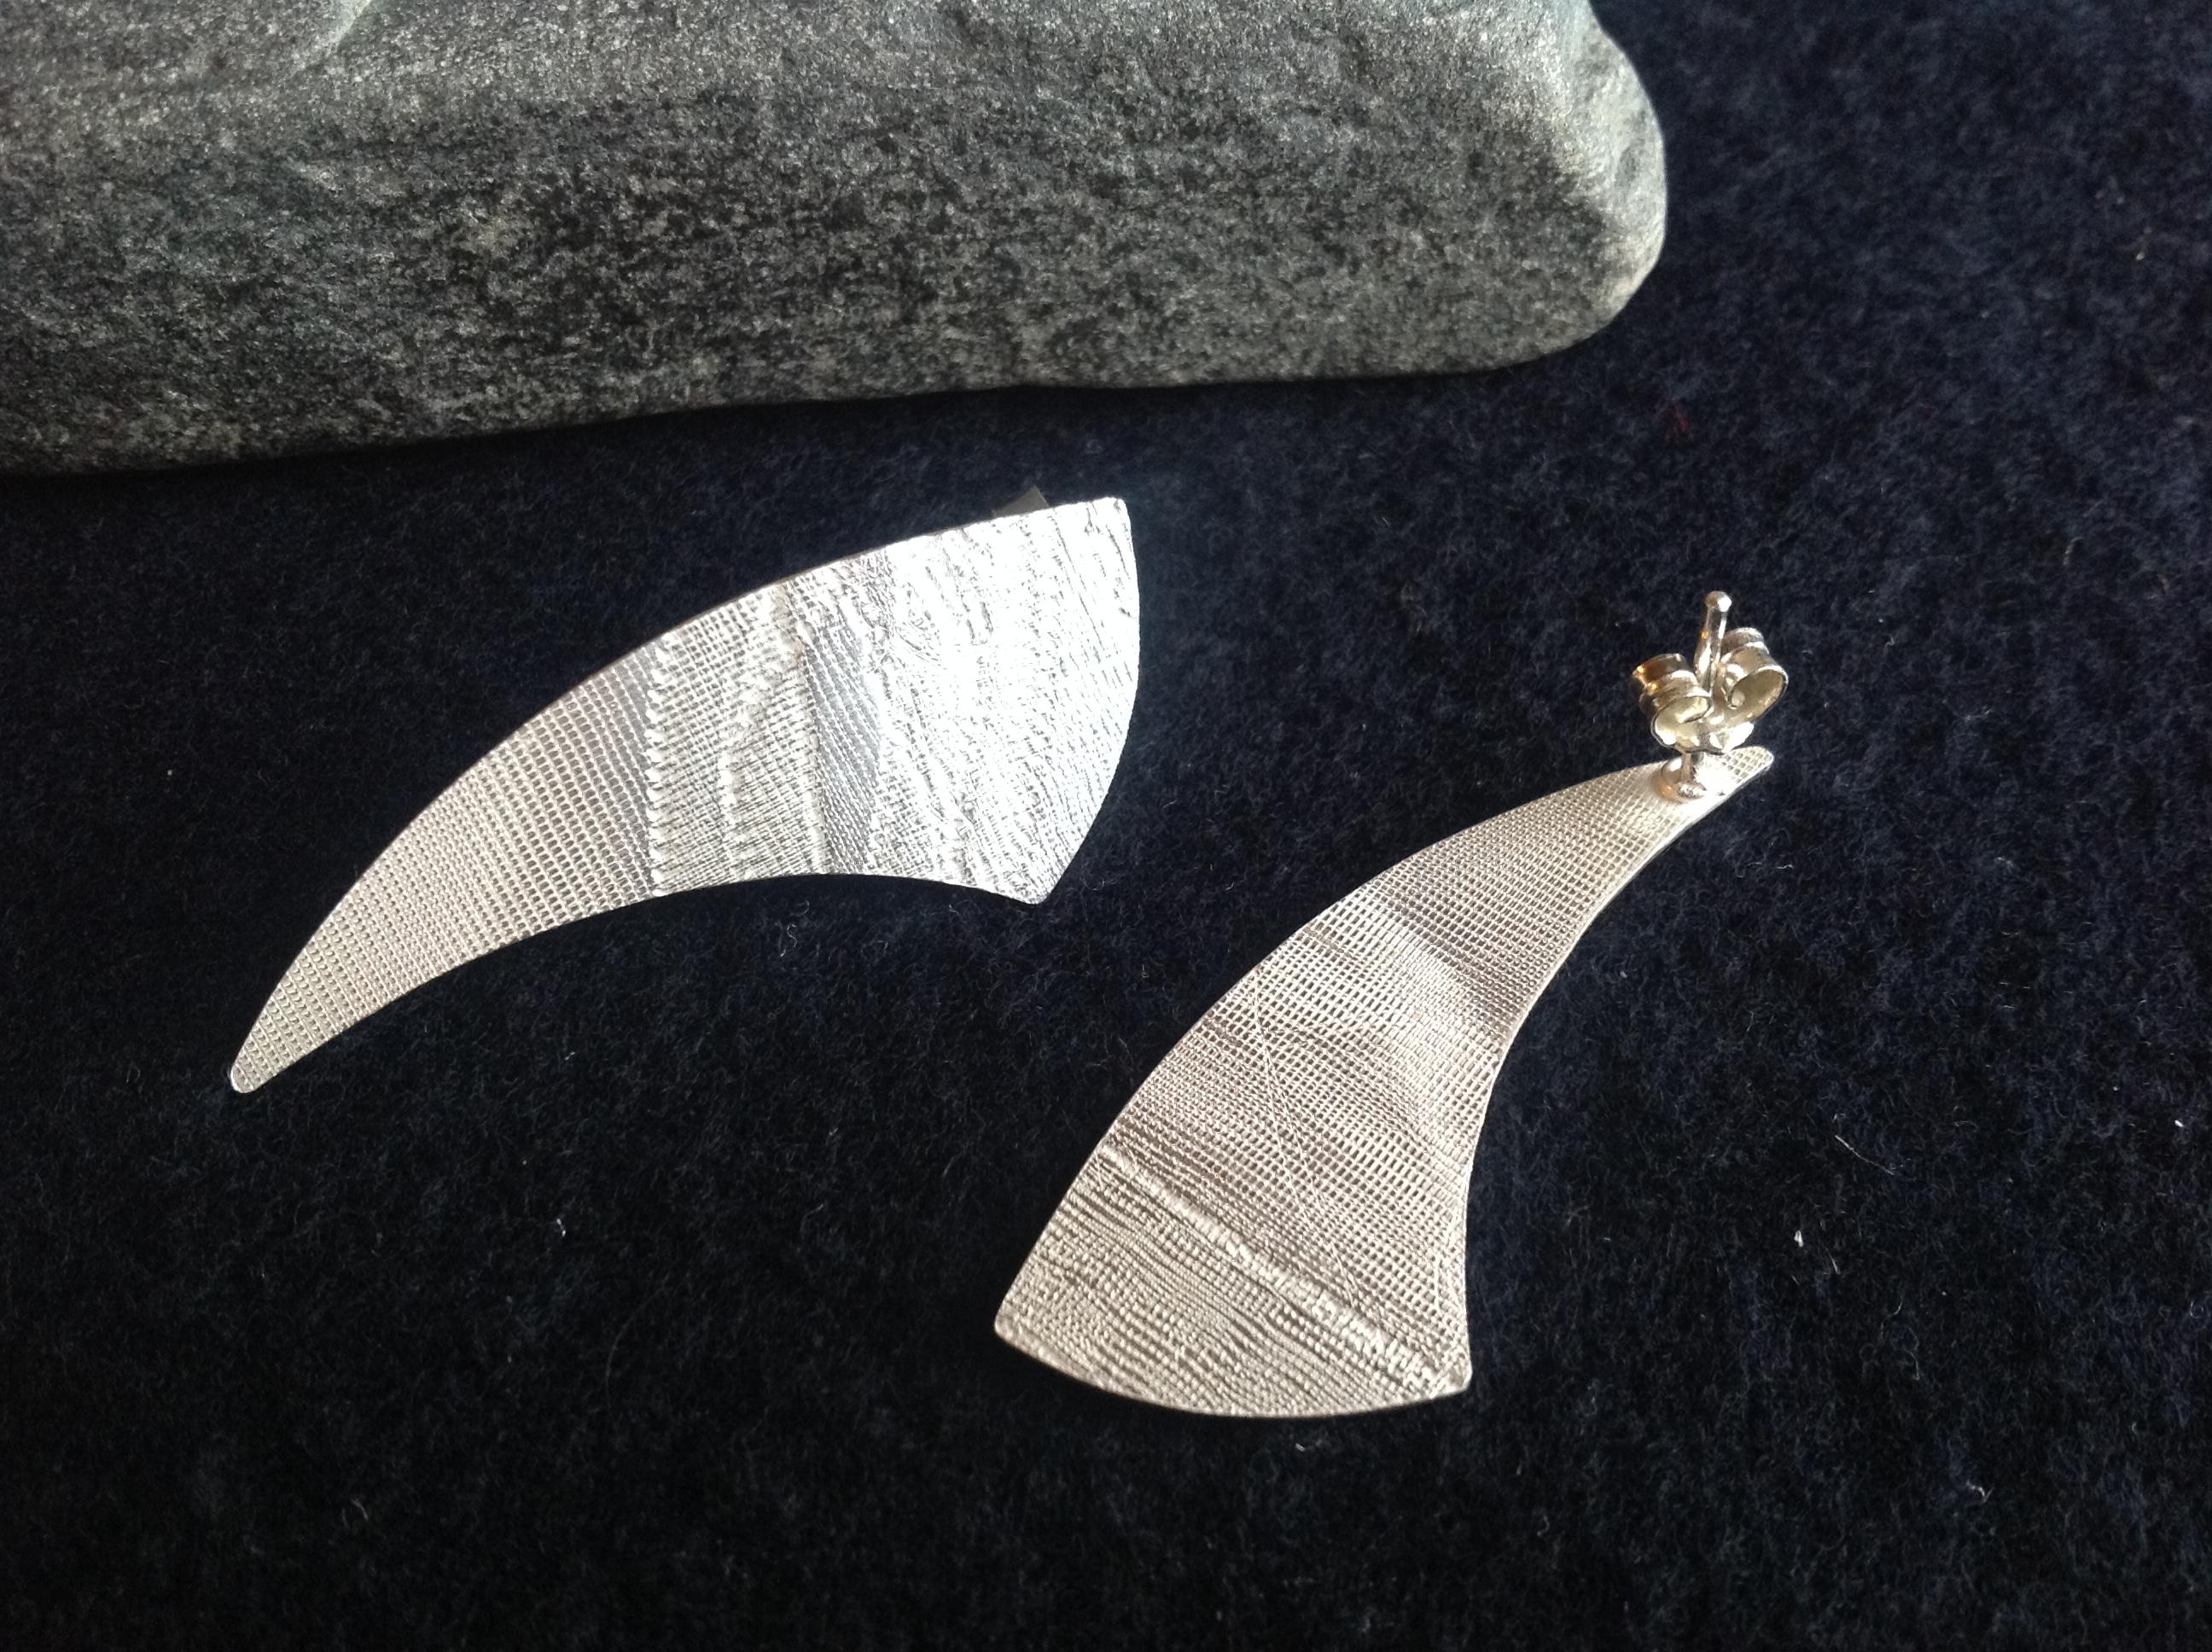 ac3dd5418359 Aretes de plata cortos en Gota texturados – Diana Margarita